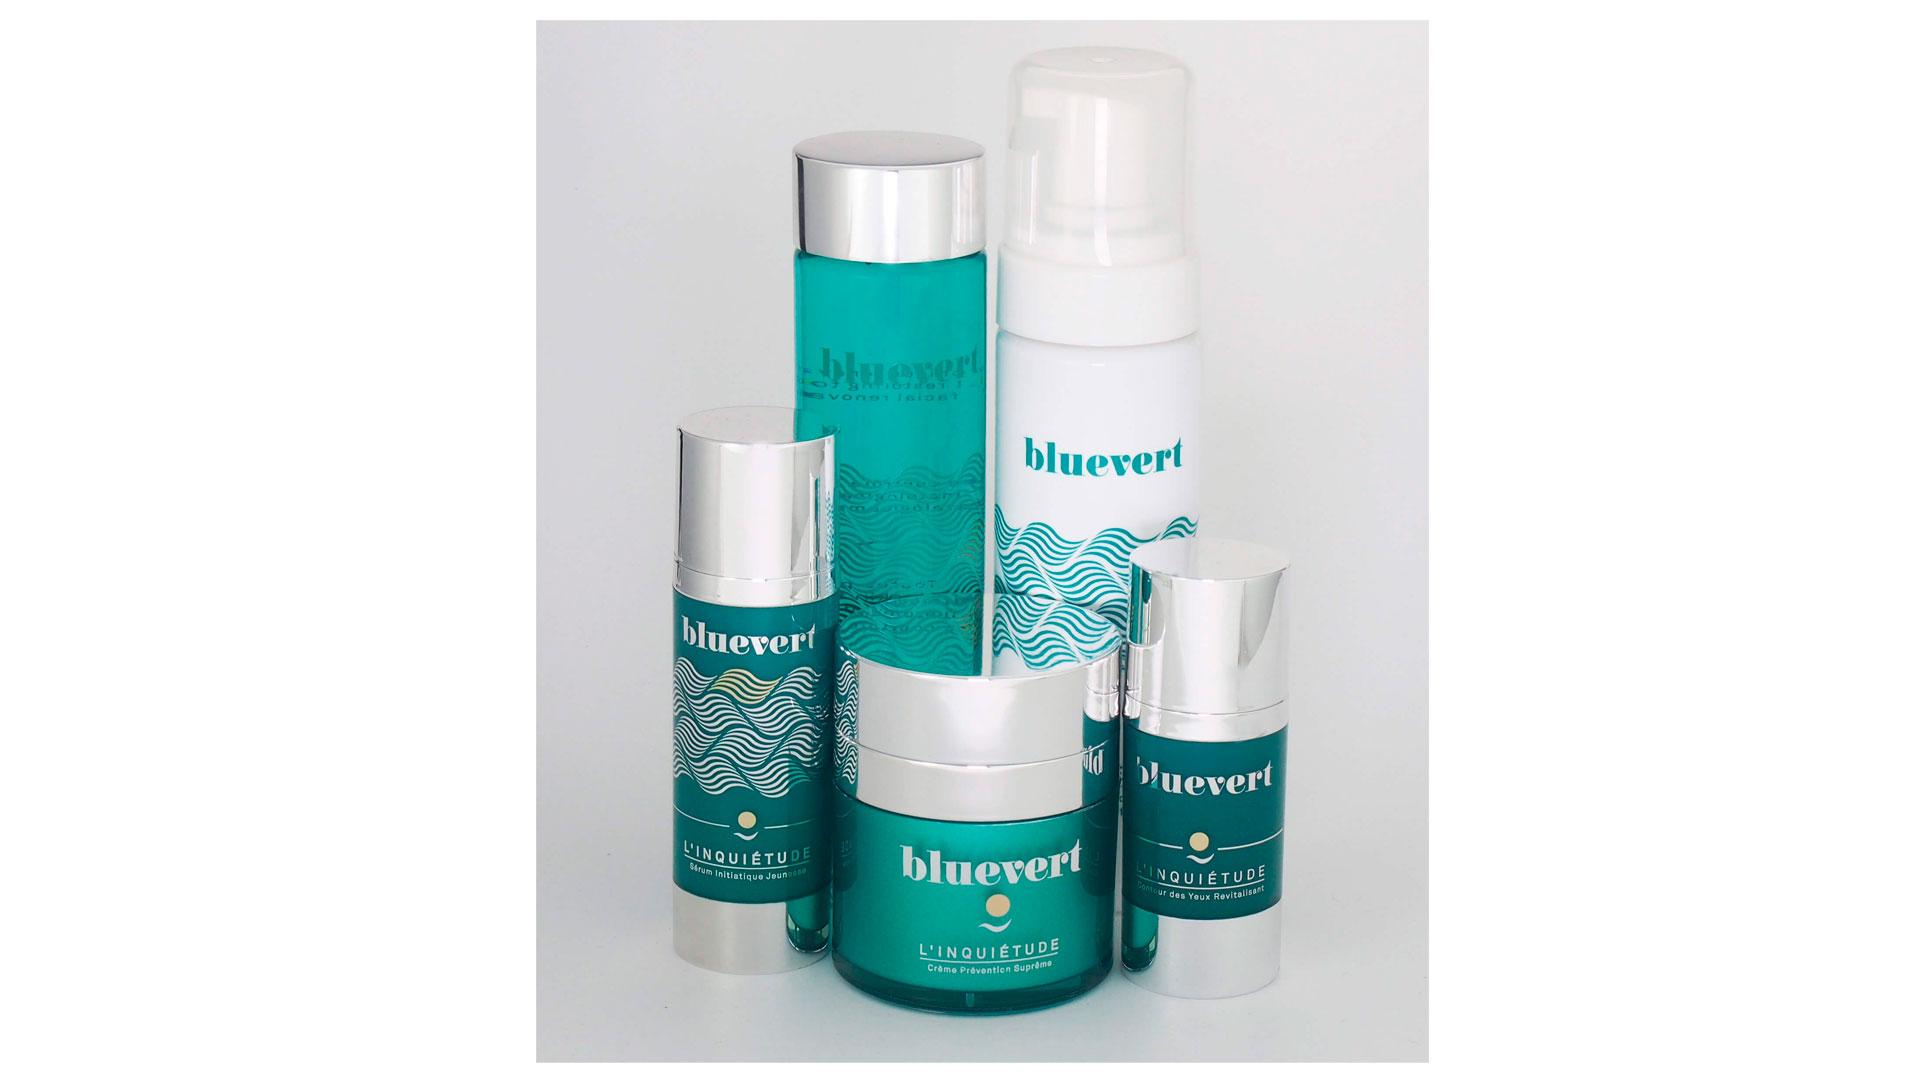 Imagen de la gama de productos cosméticos Bluevert